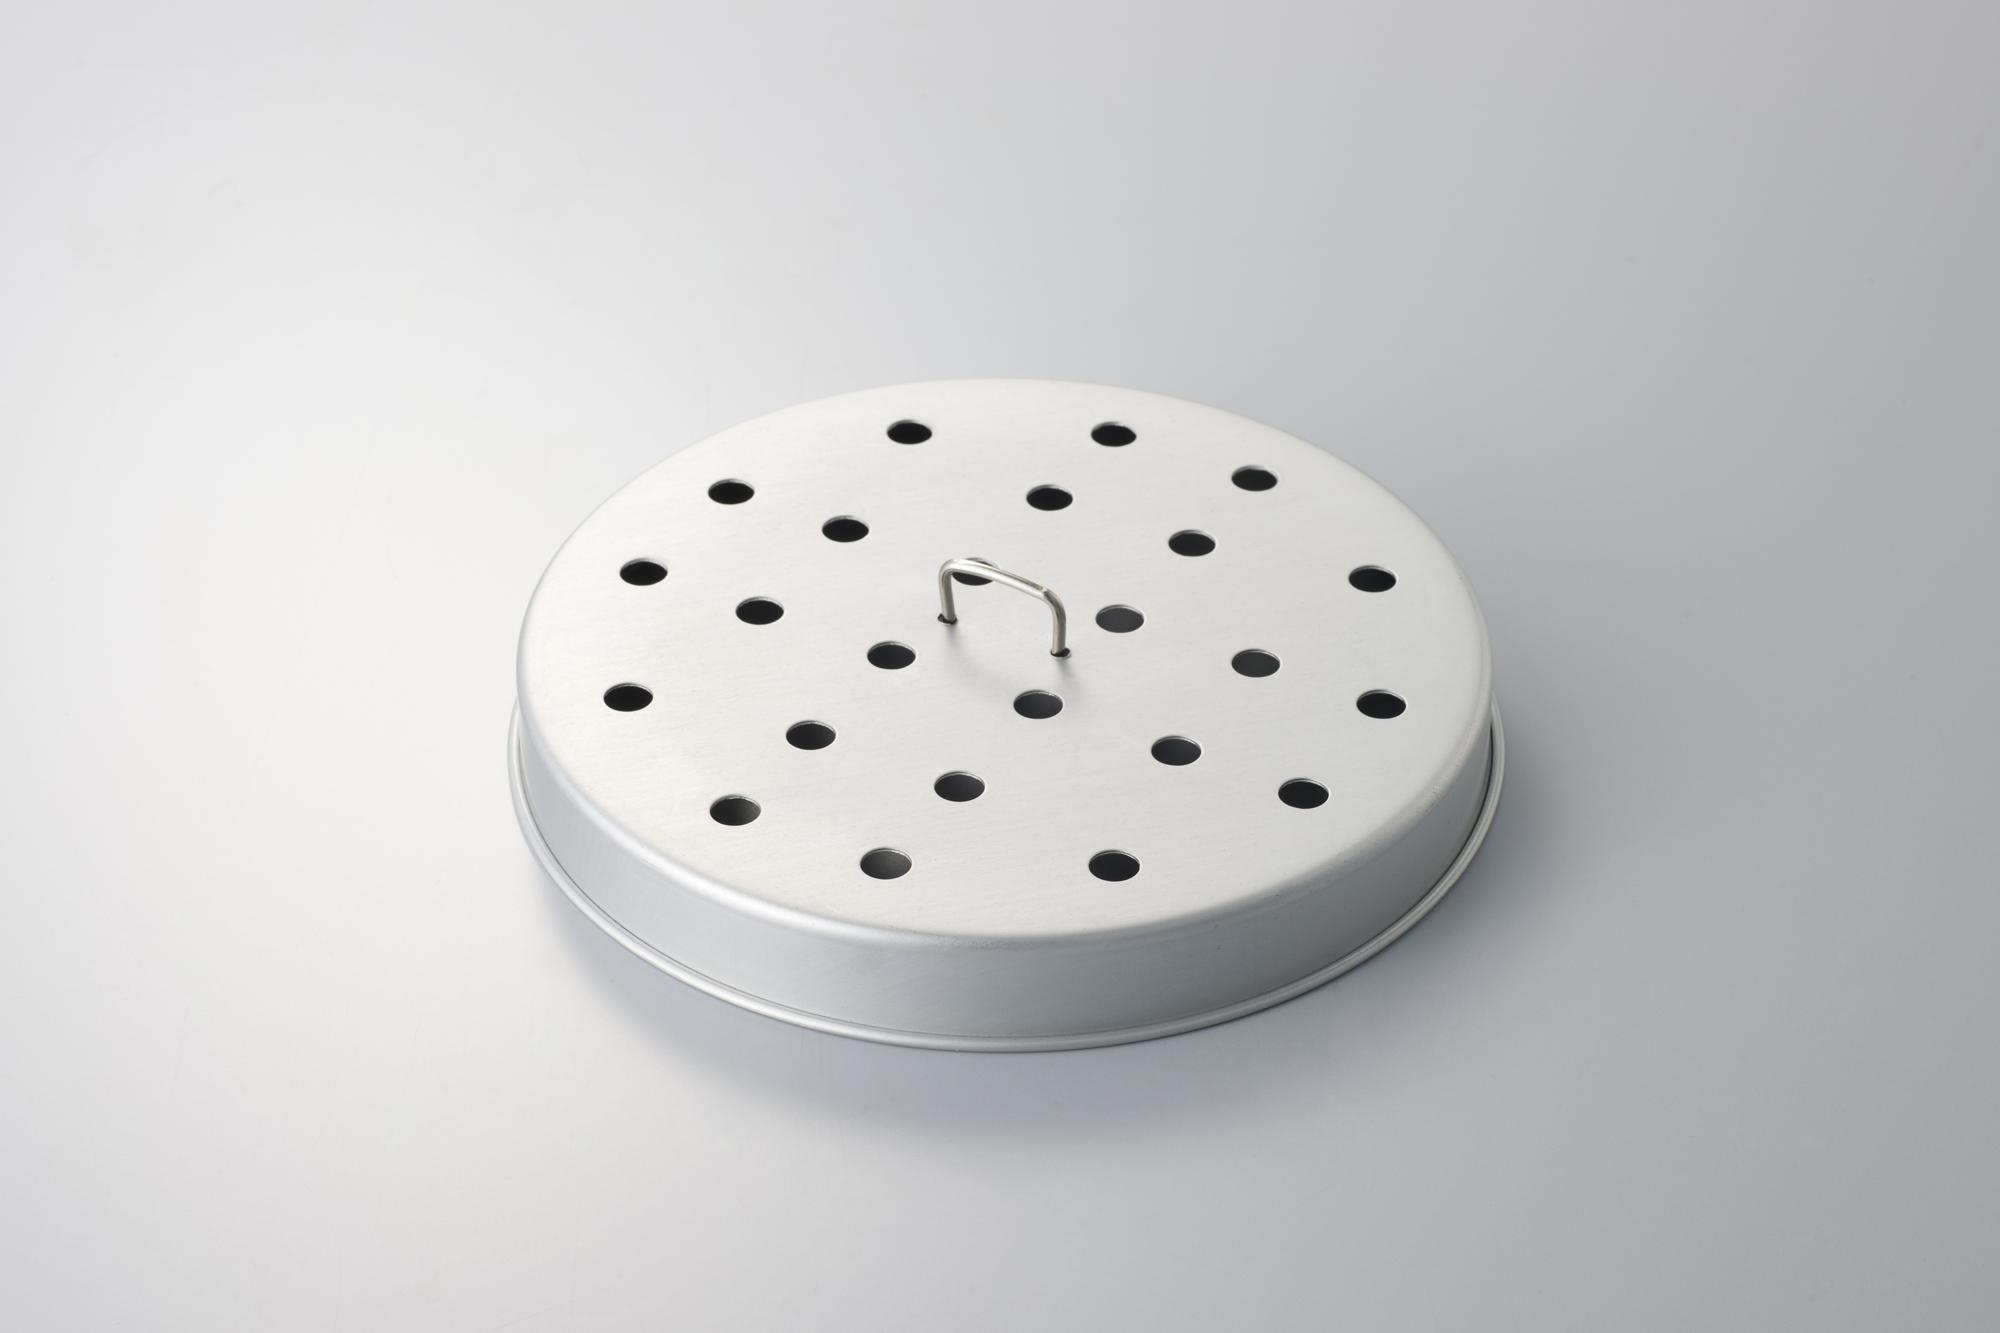 【アルファックス・コイズミ】アルコレ 圧力式電気鍋 約幅29.5×奥30.5×高さ26.5cm・1.9L